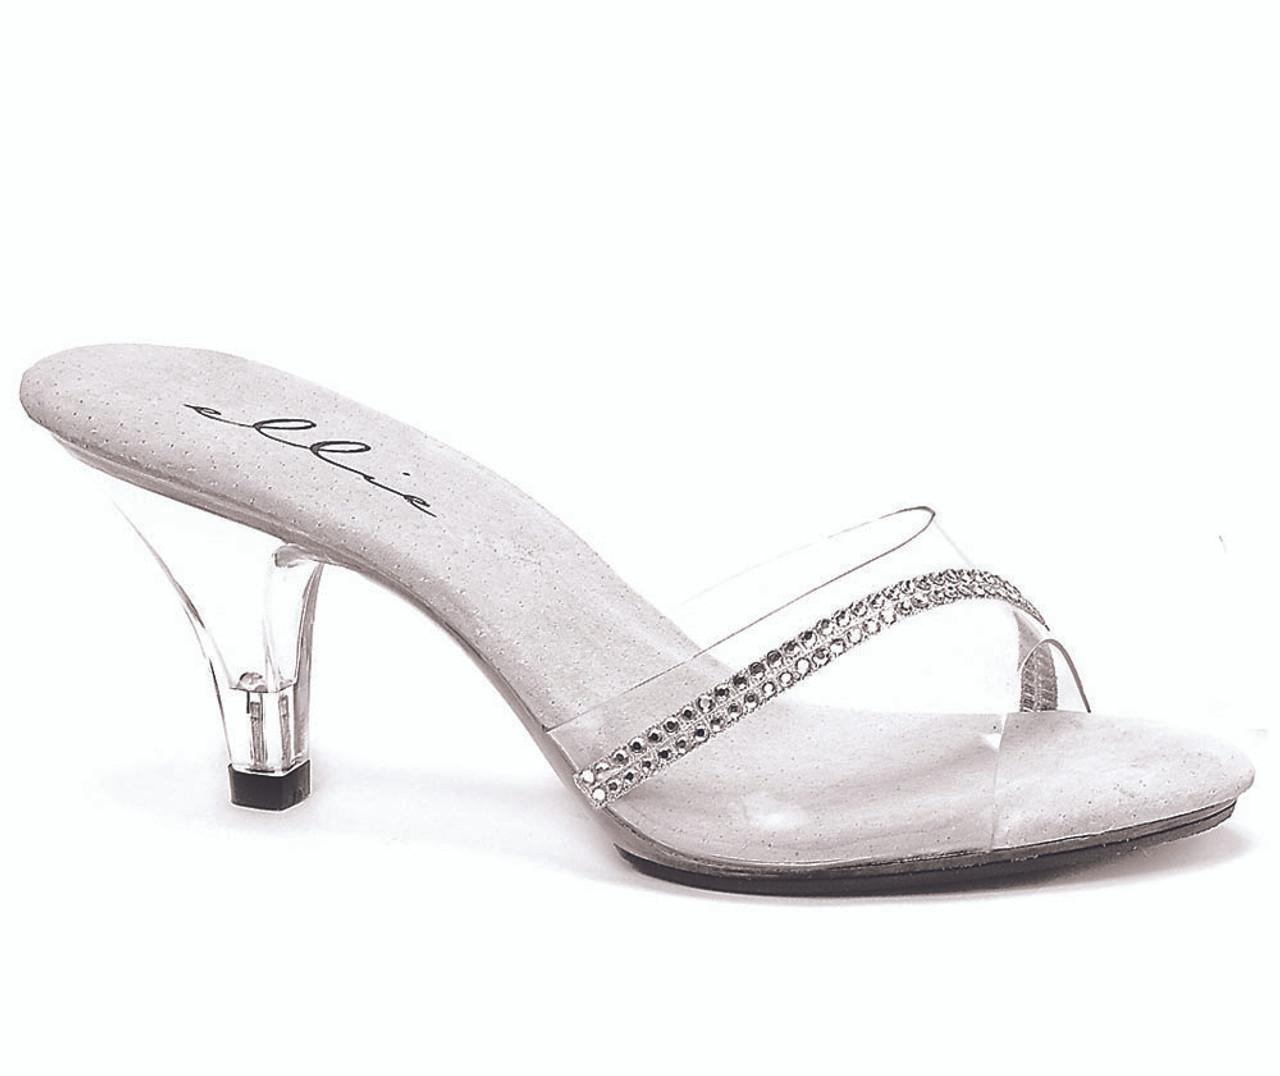 Ellie Shoes 305-JESSE 3 Inch Heel Clear Mule Women/'s Size Shoe With Rhinestones